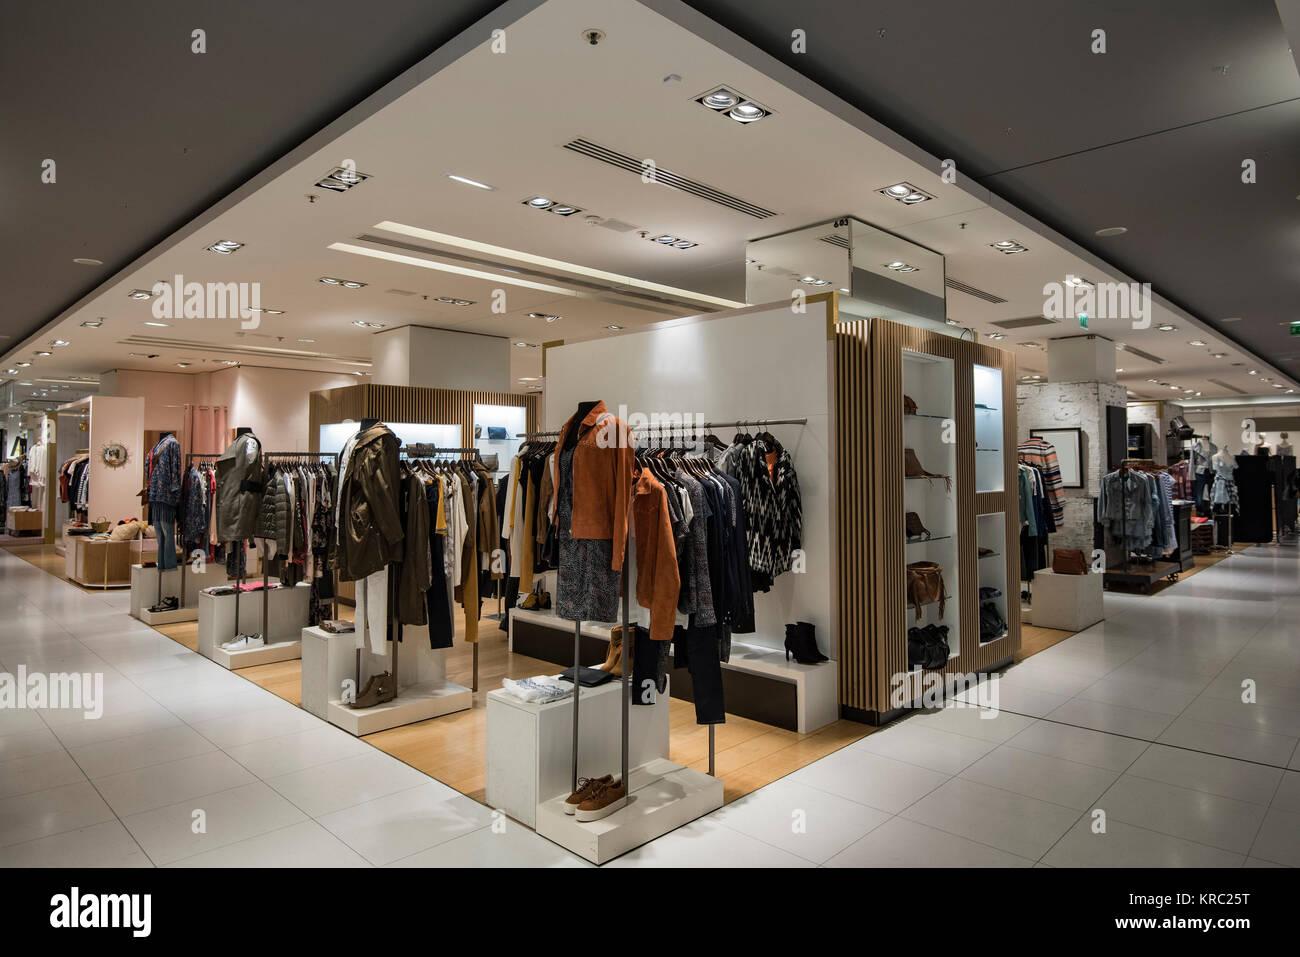 b33d532b7114 Donne vestiti in un negozio a Parigi Foto   Immagine Stock ...